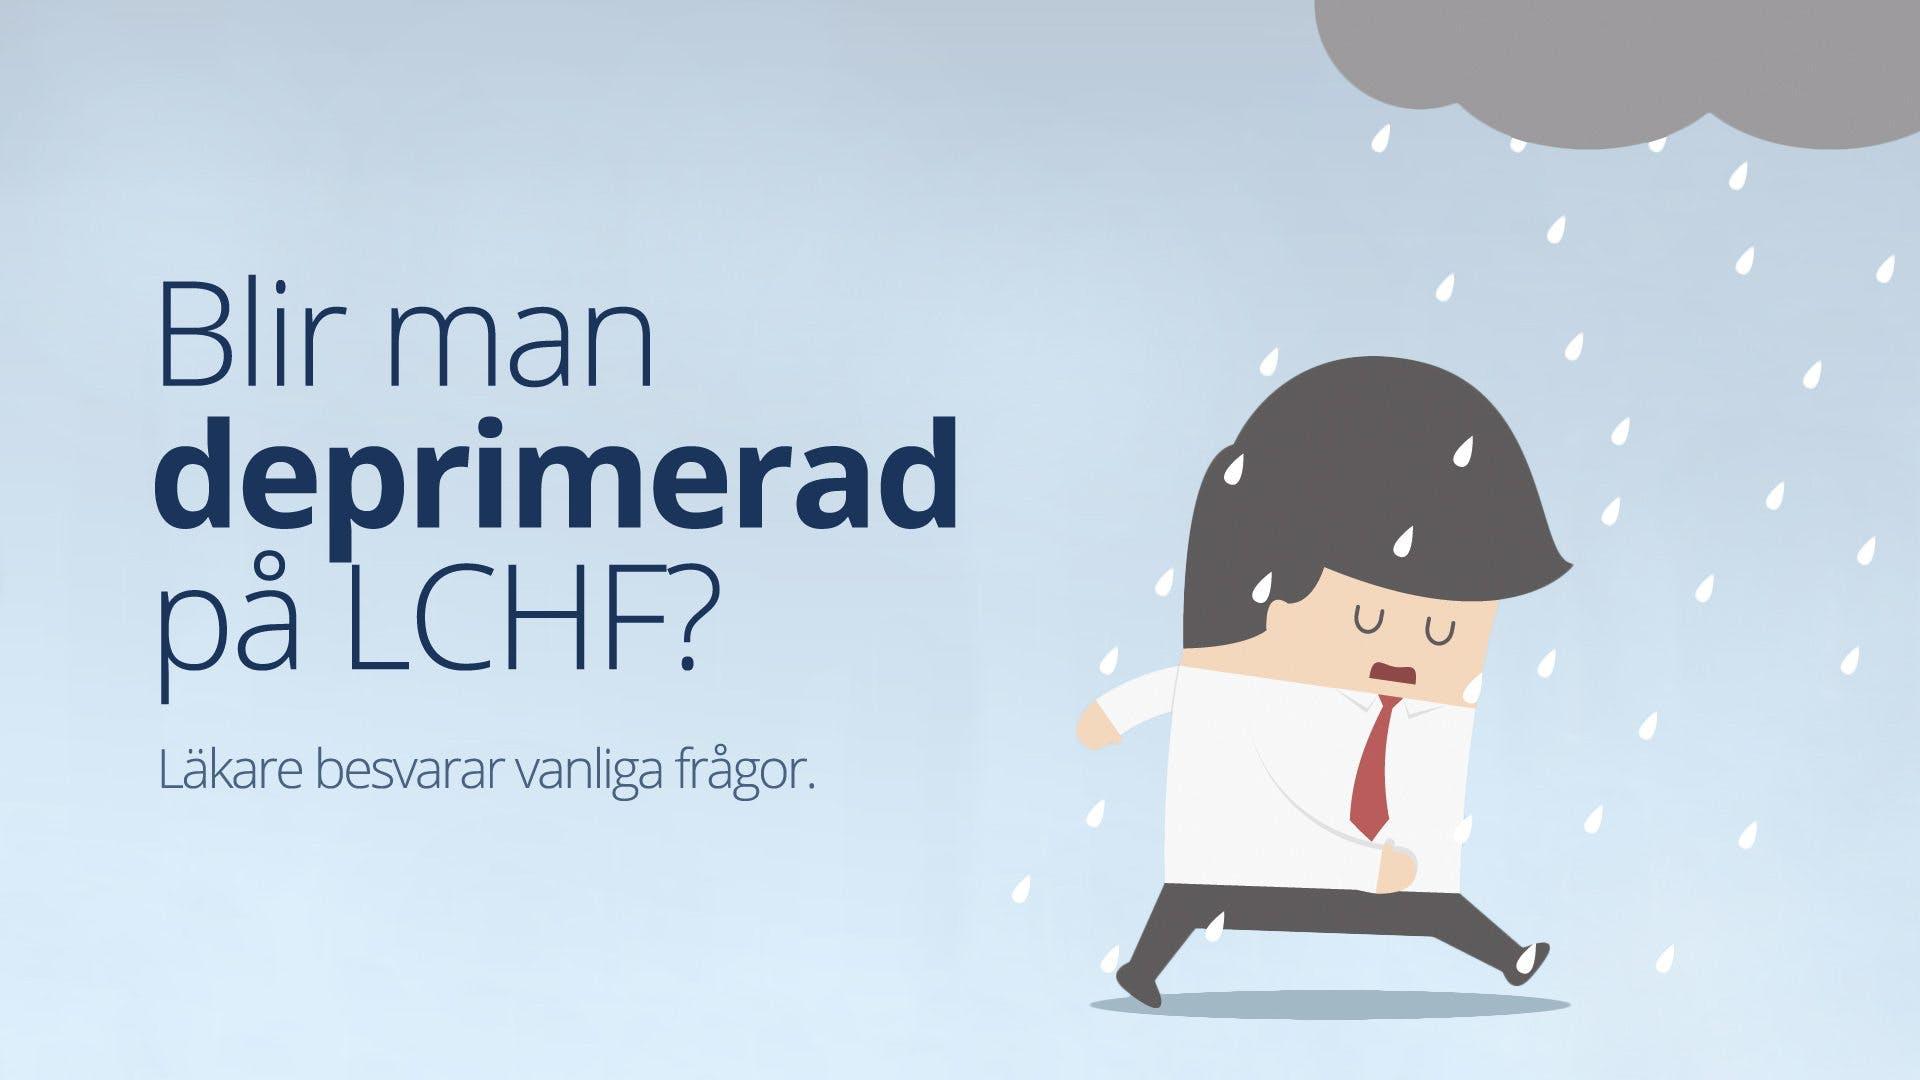 Blir man <strong>deprimerad</strong> på LCHF?